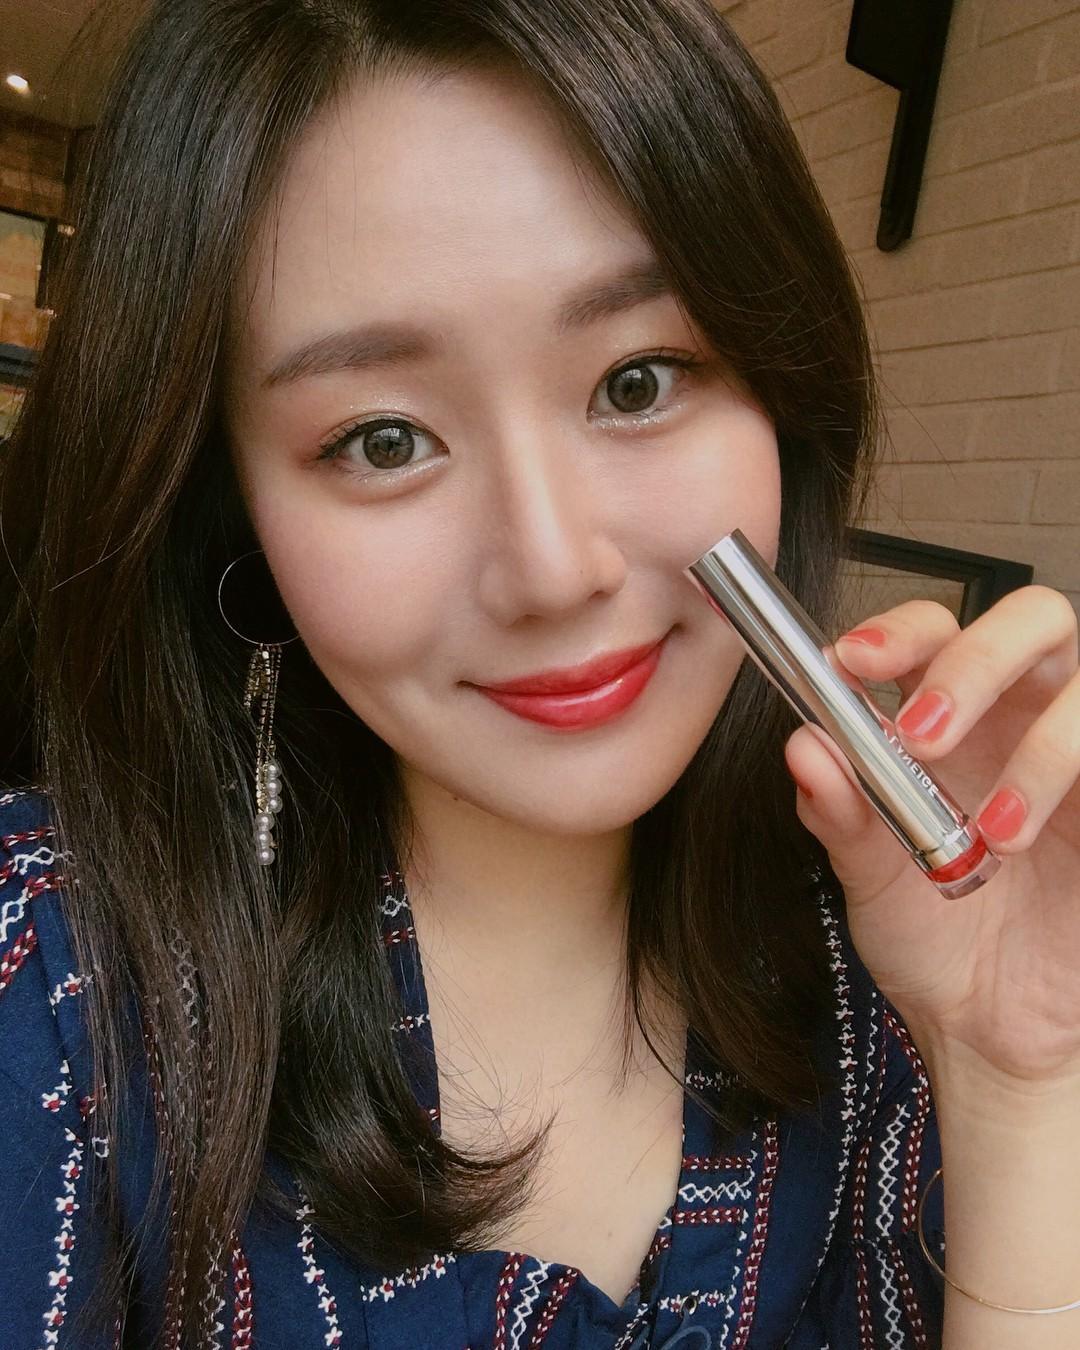 Những thỏi son đang được sao Hàn dùng nhiệt tình trong loạt phim hot hit gần đây - Ảnh 3.